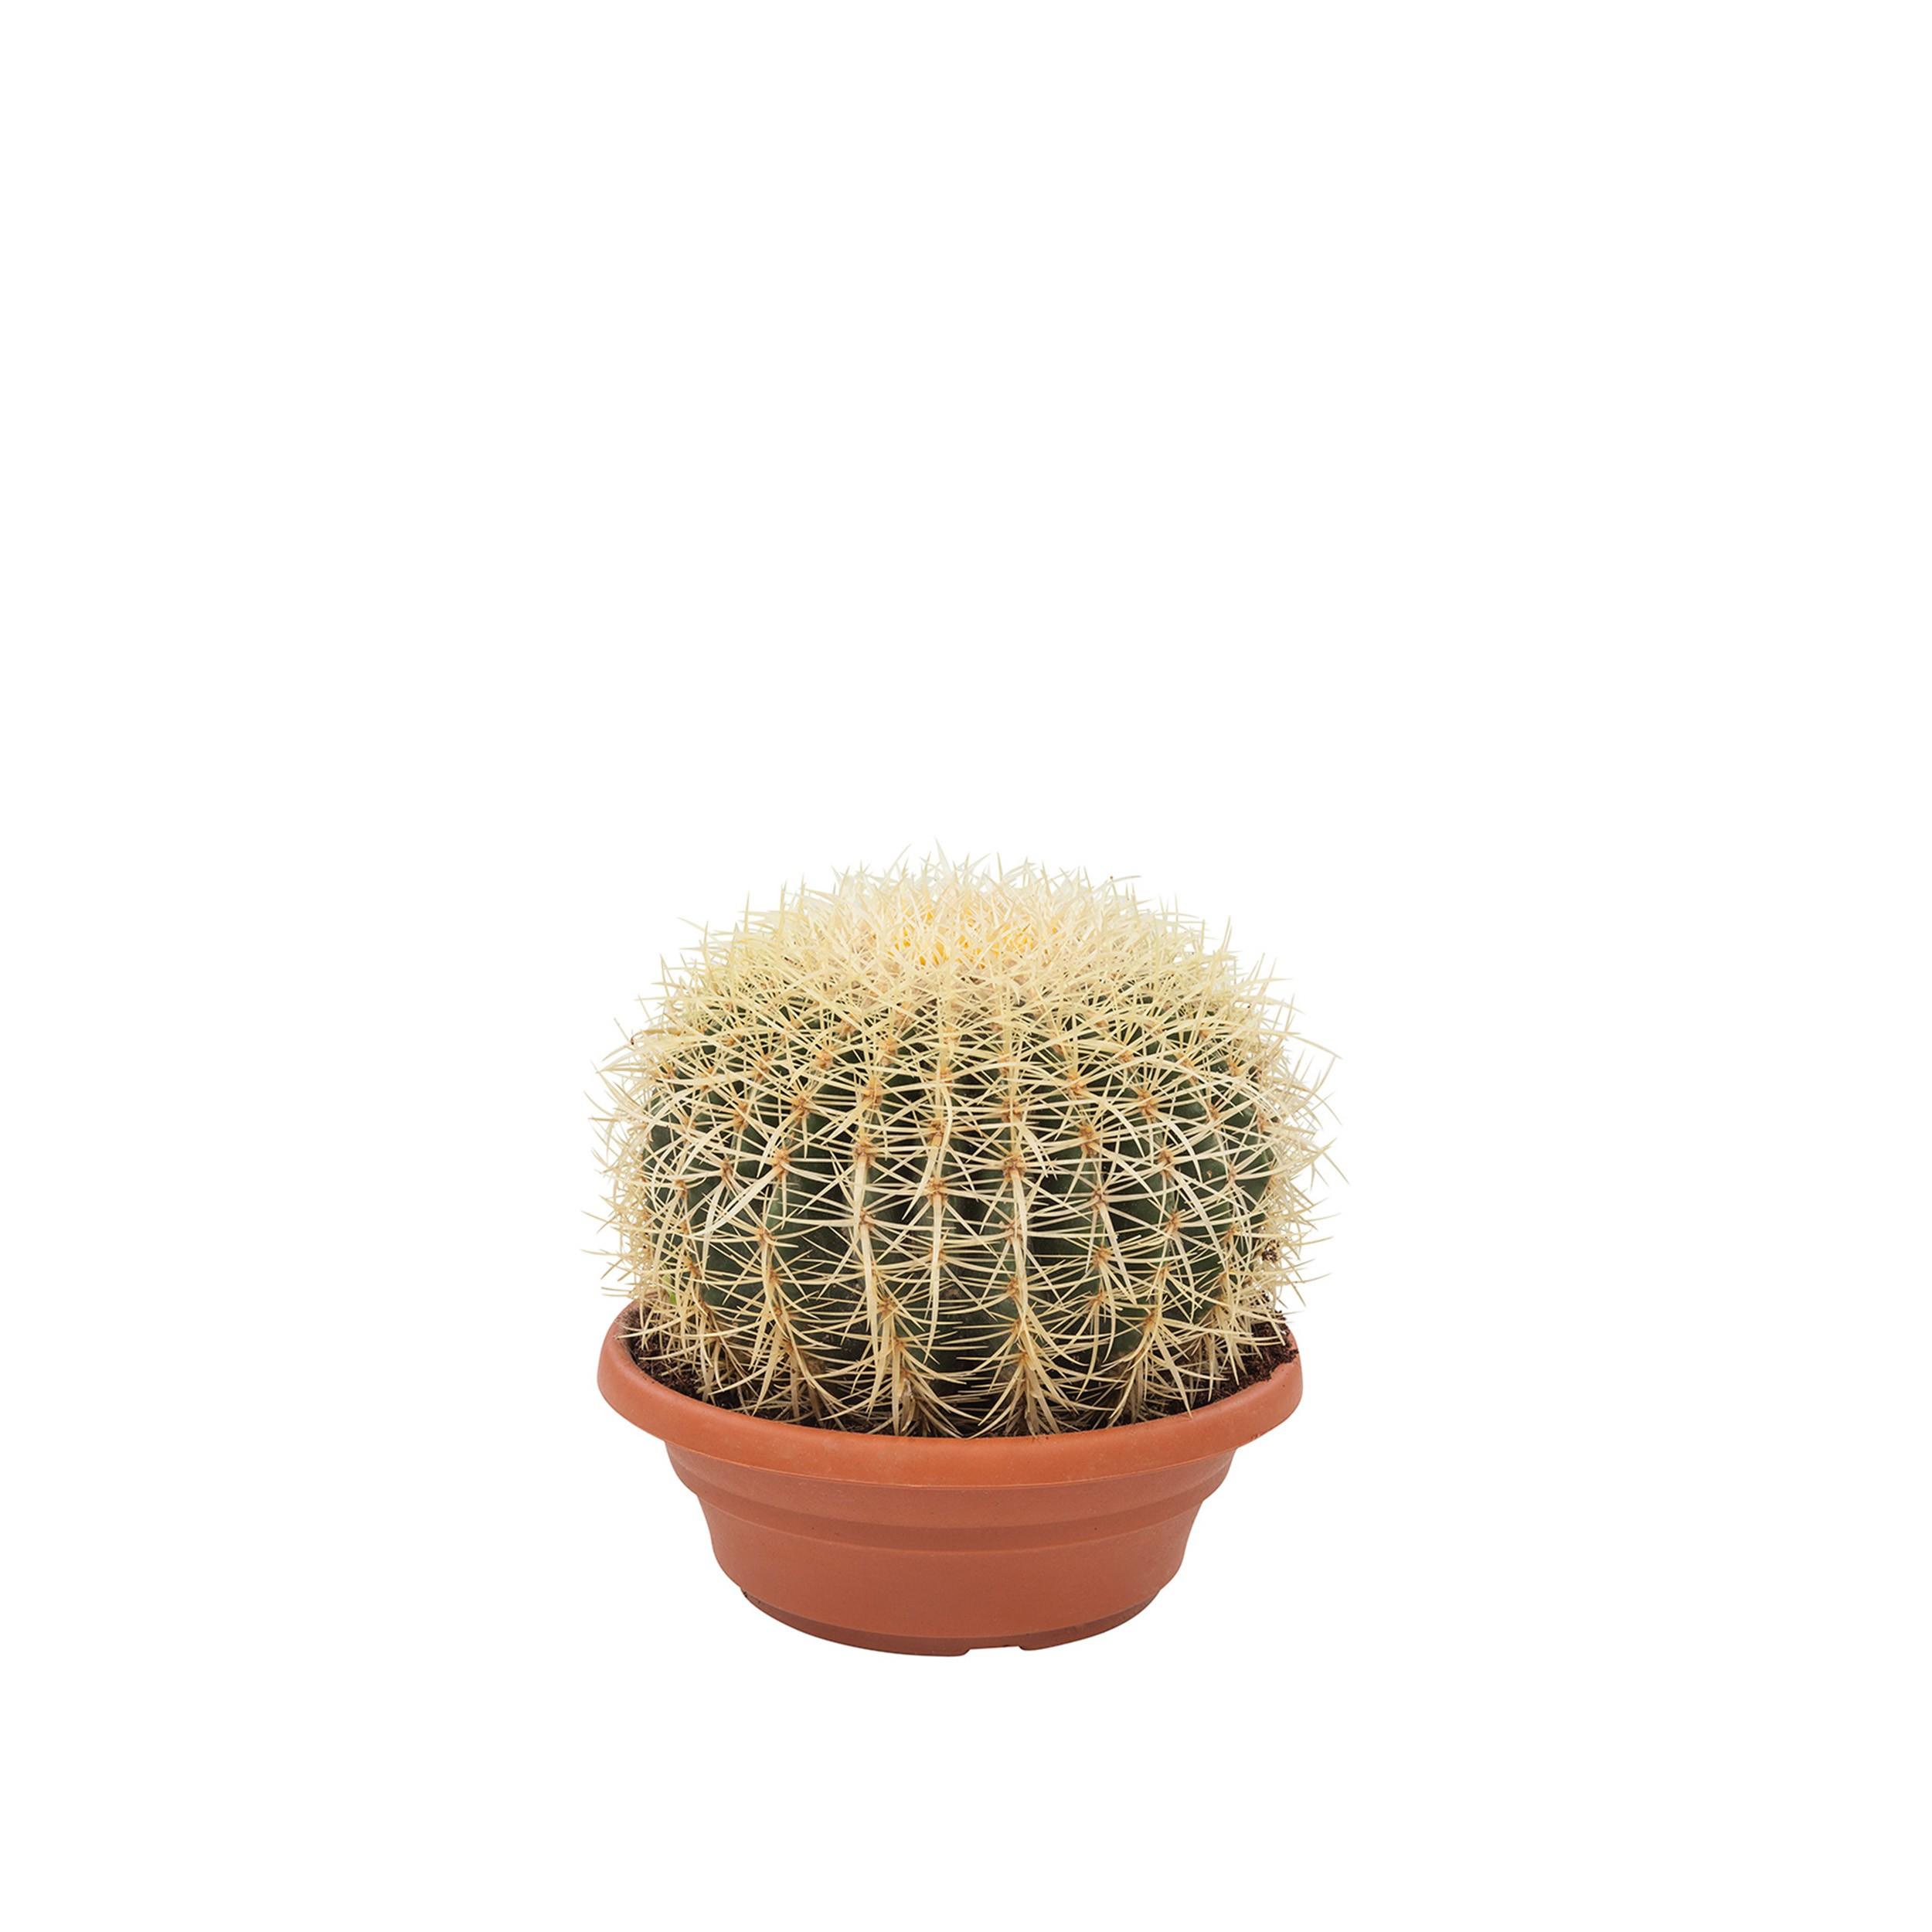 Kunert-Keramik Echinocactus grusonii,Schwiegermutterstuhl,gro/ß+kr/äftig,ca.12cm Durchmesser